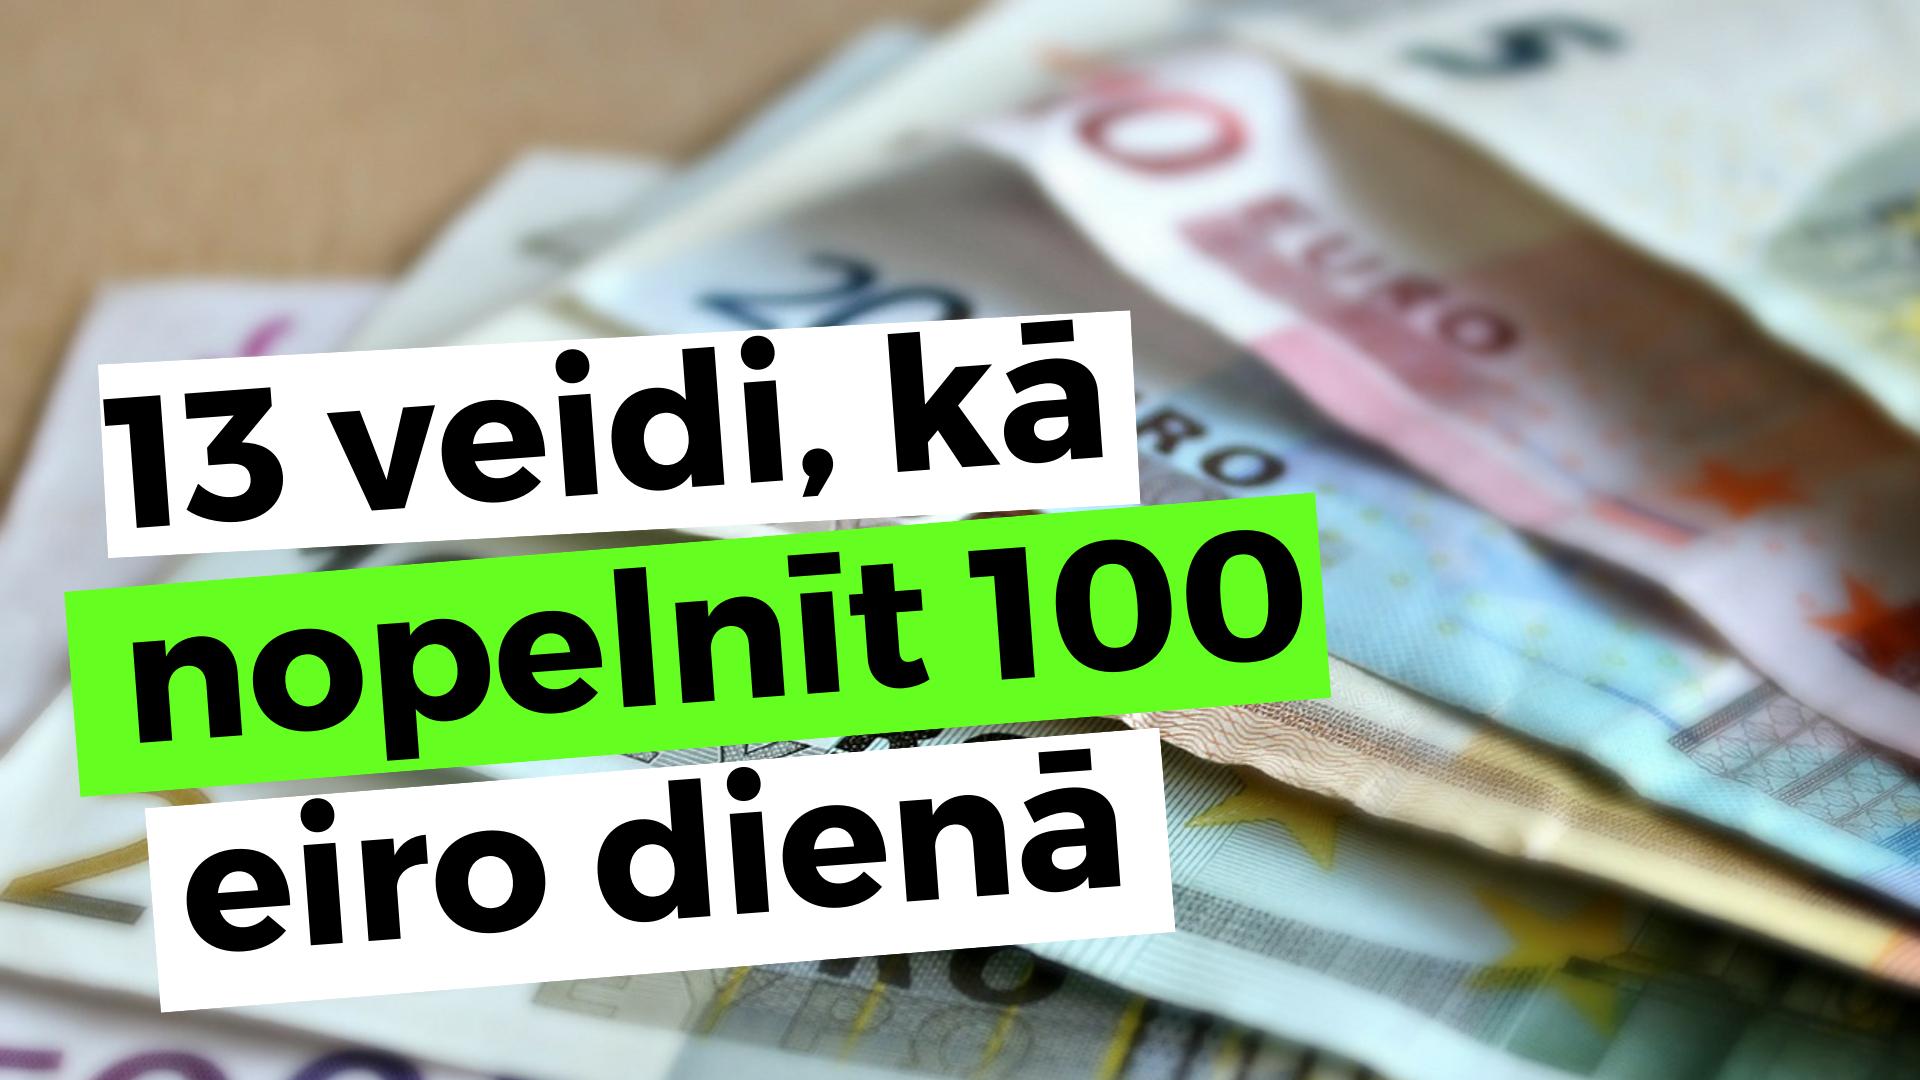 kā nopelnīt naudu no savām idejām)